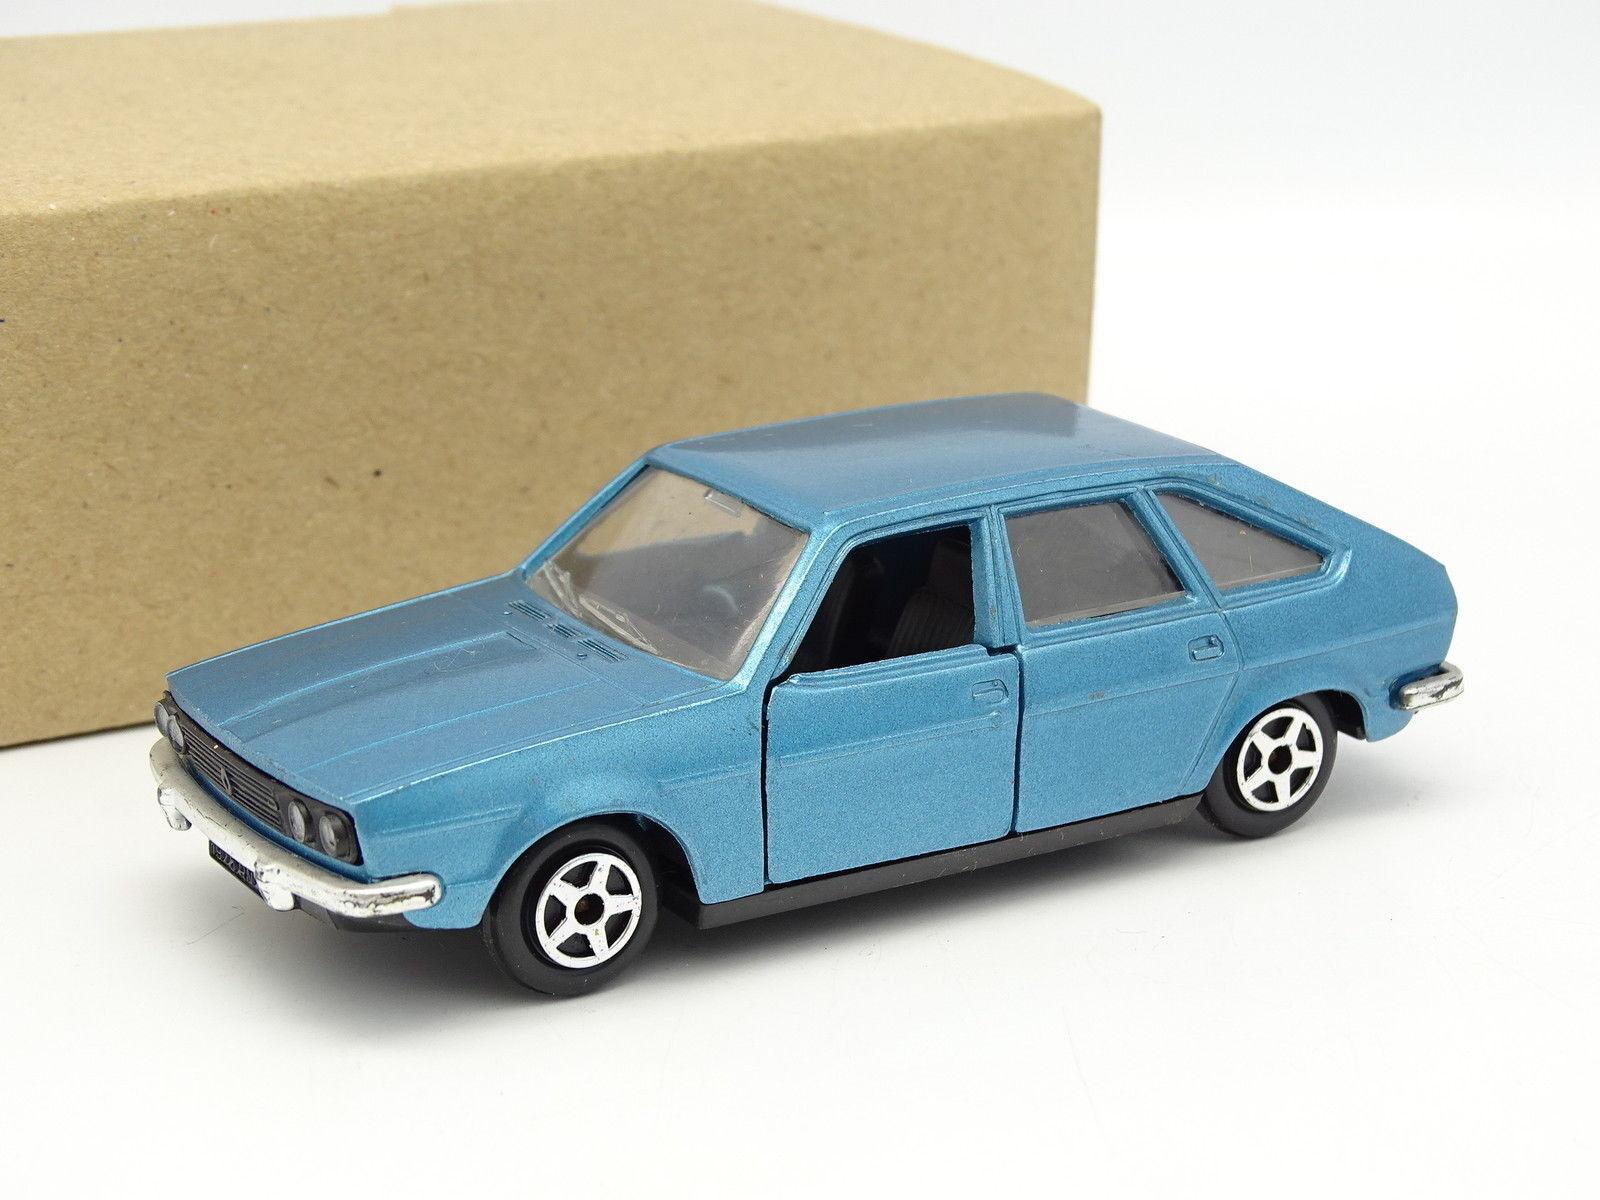 Norev Jet Car SB 1 43 - Renault Renault Renault 30 blue d608fd